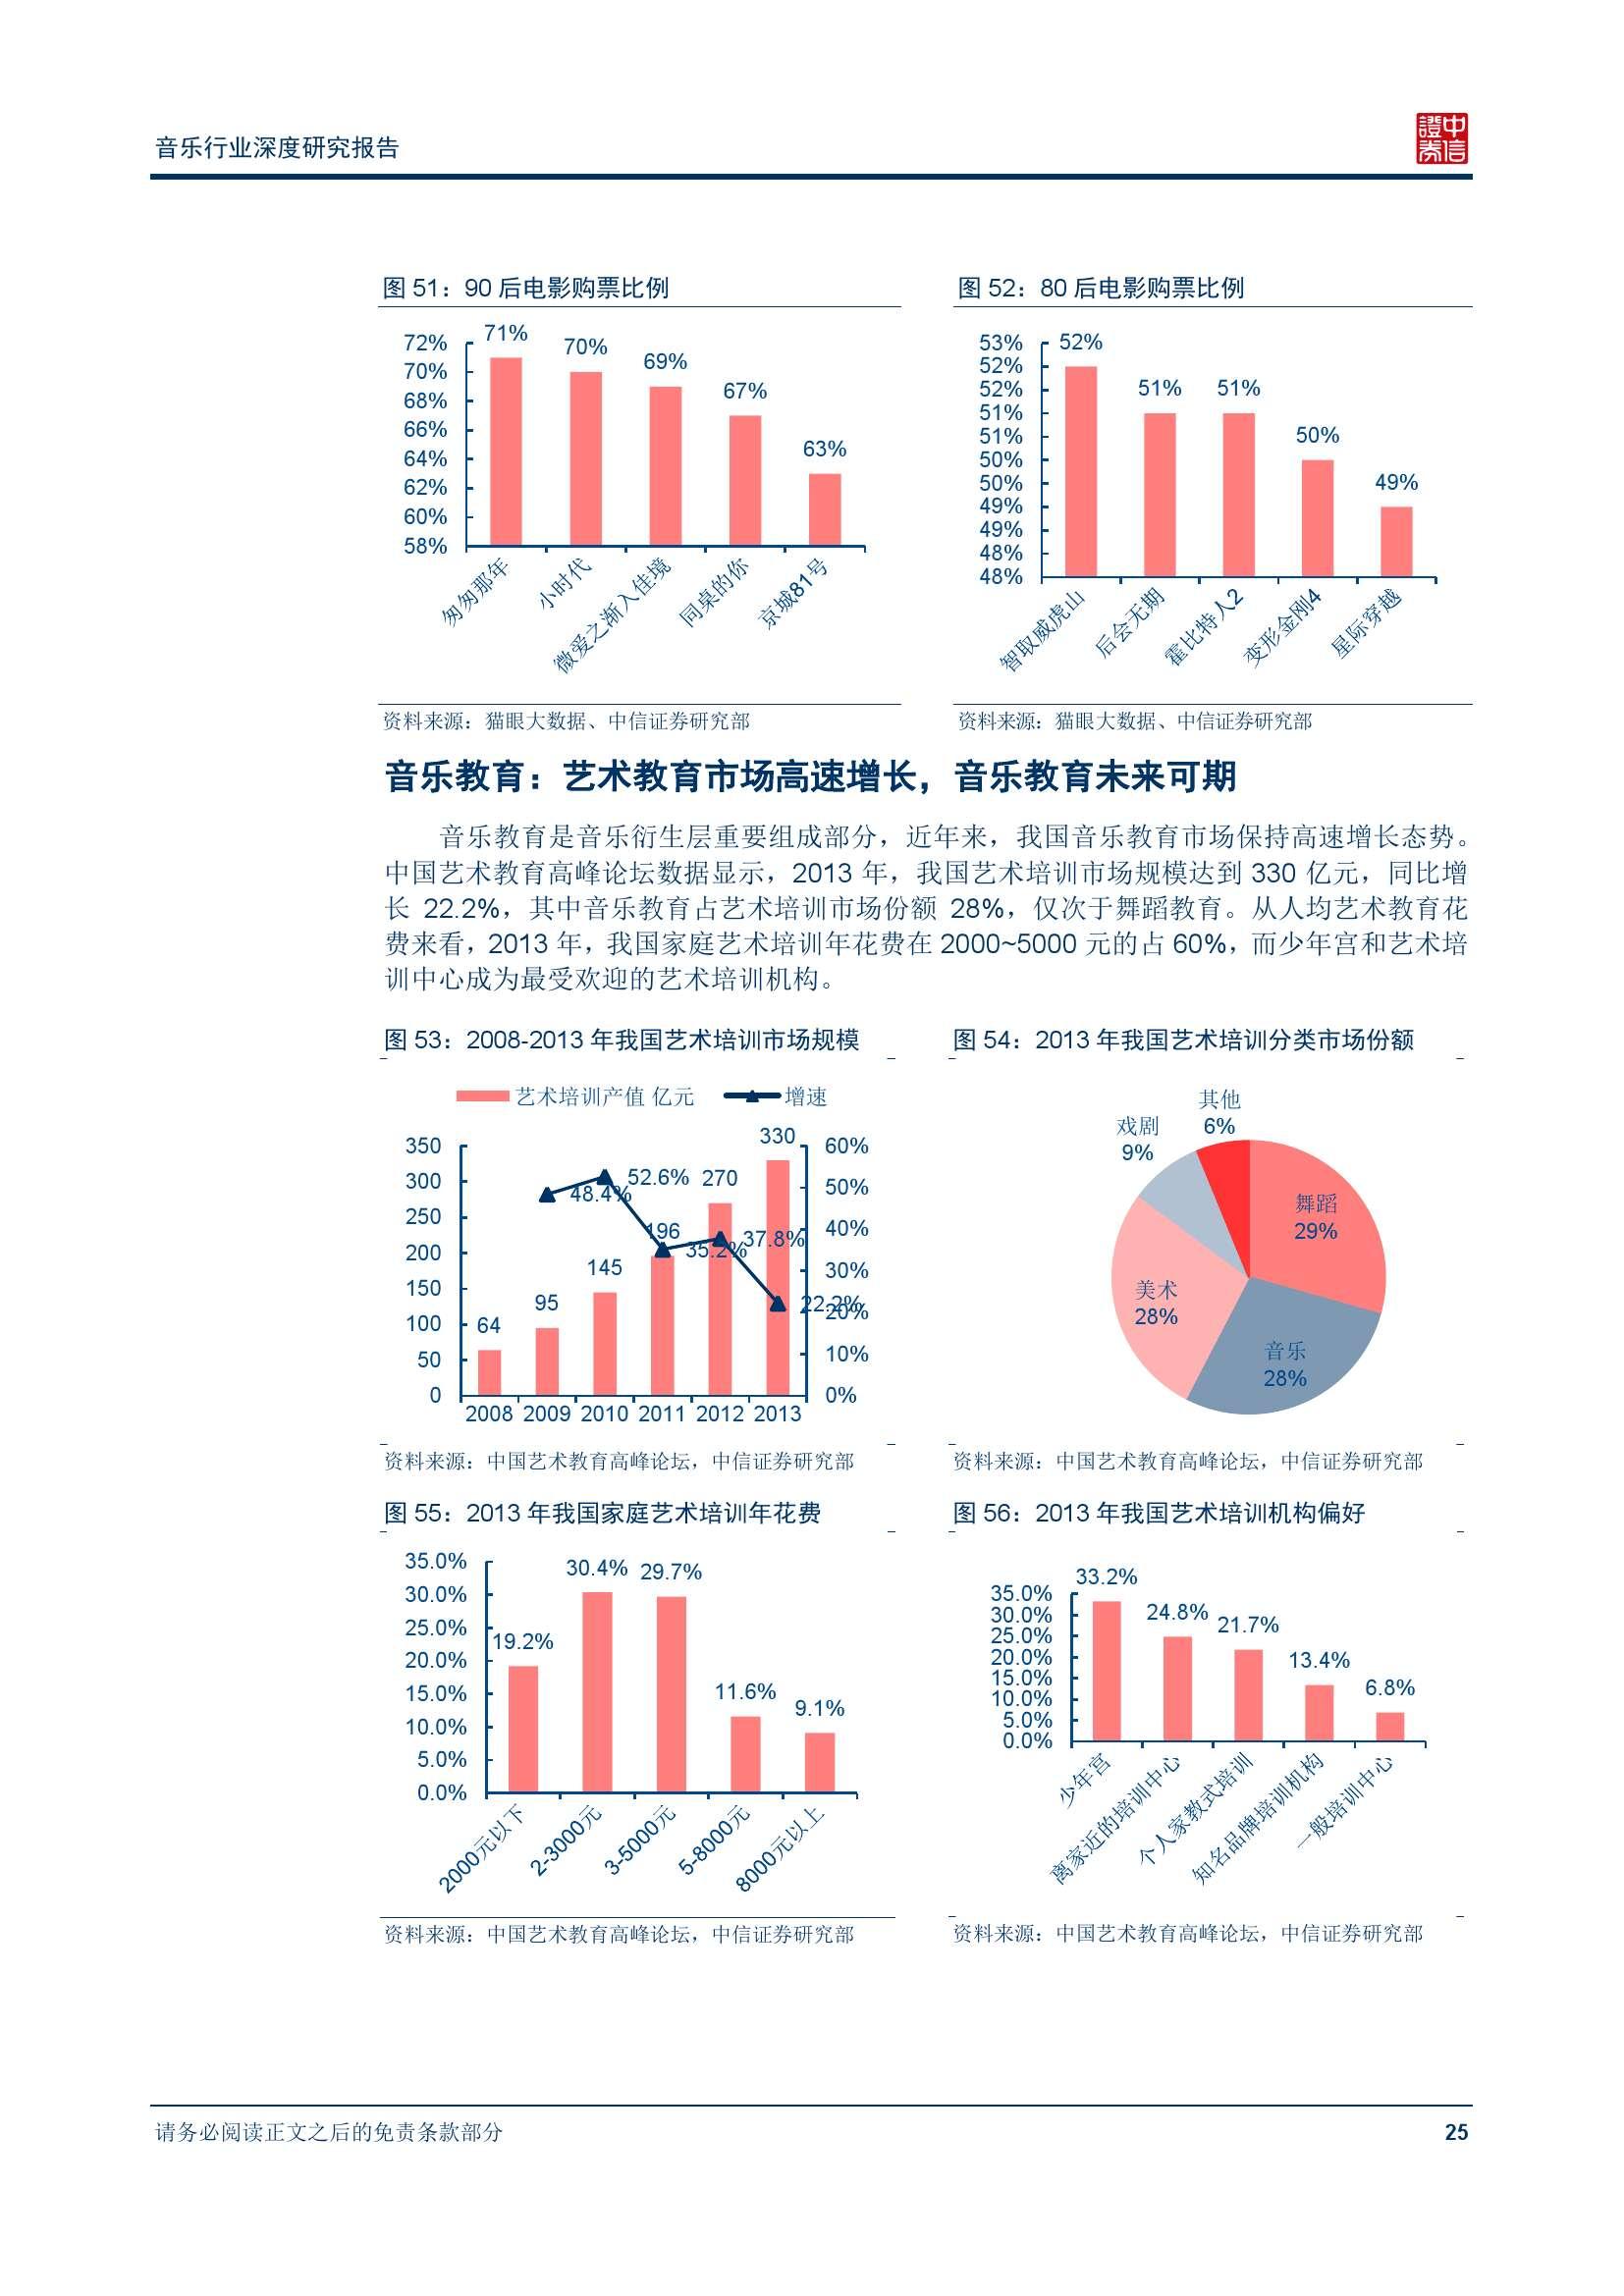 中信证券音乐行业深度研究报告_000030